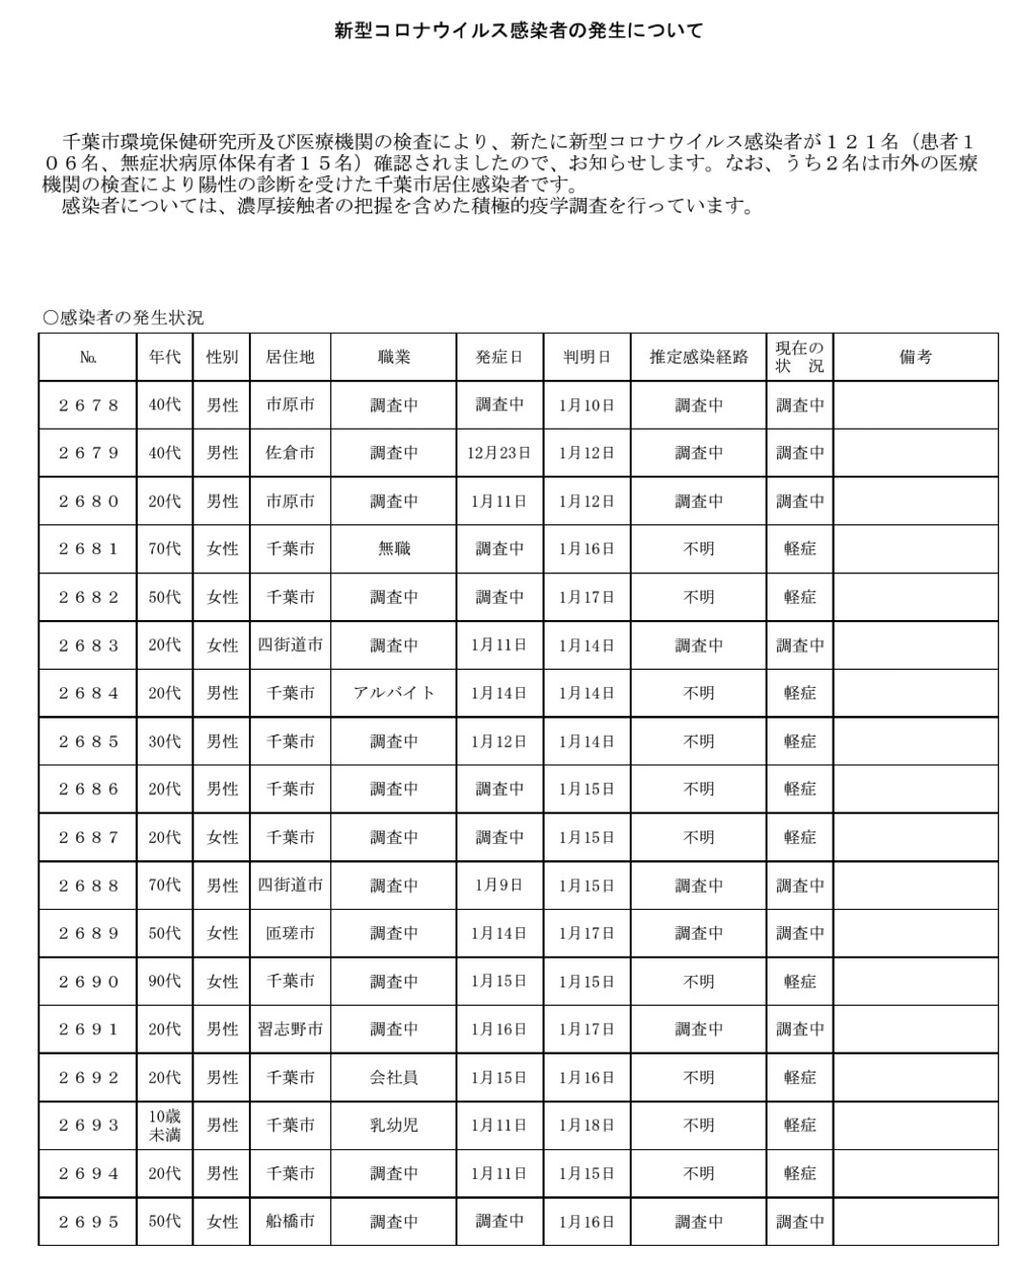 千葉市コロナ感染者が3日連続100人超え!  転院受入協力金25万円がスタートしました!